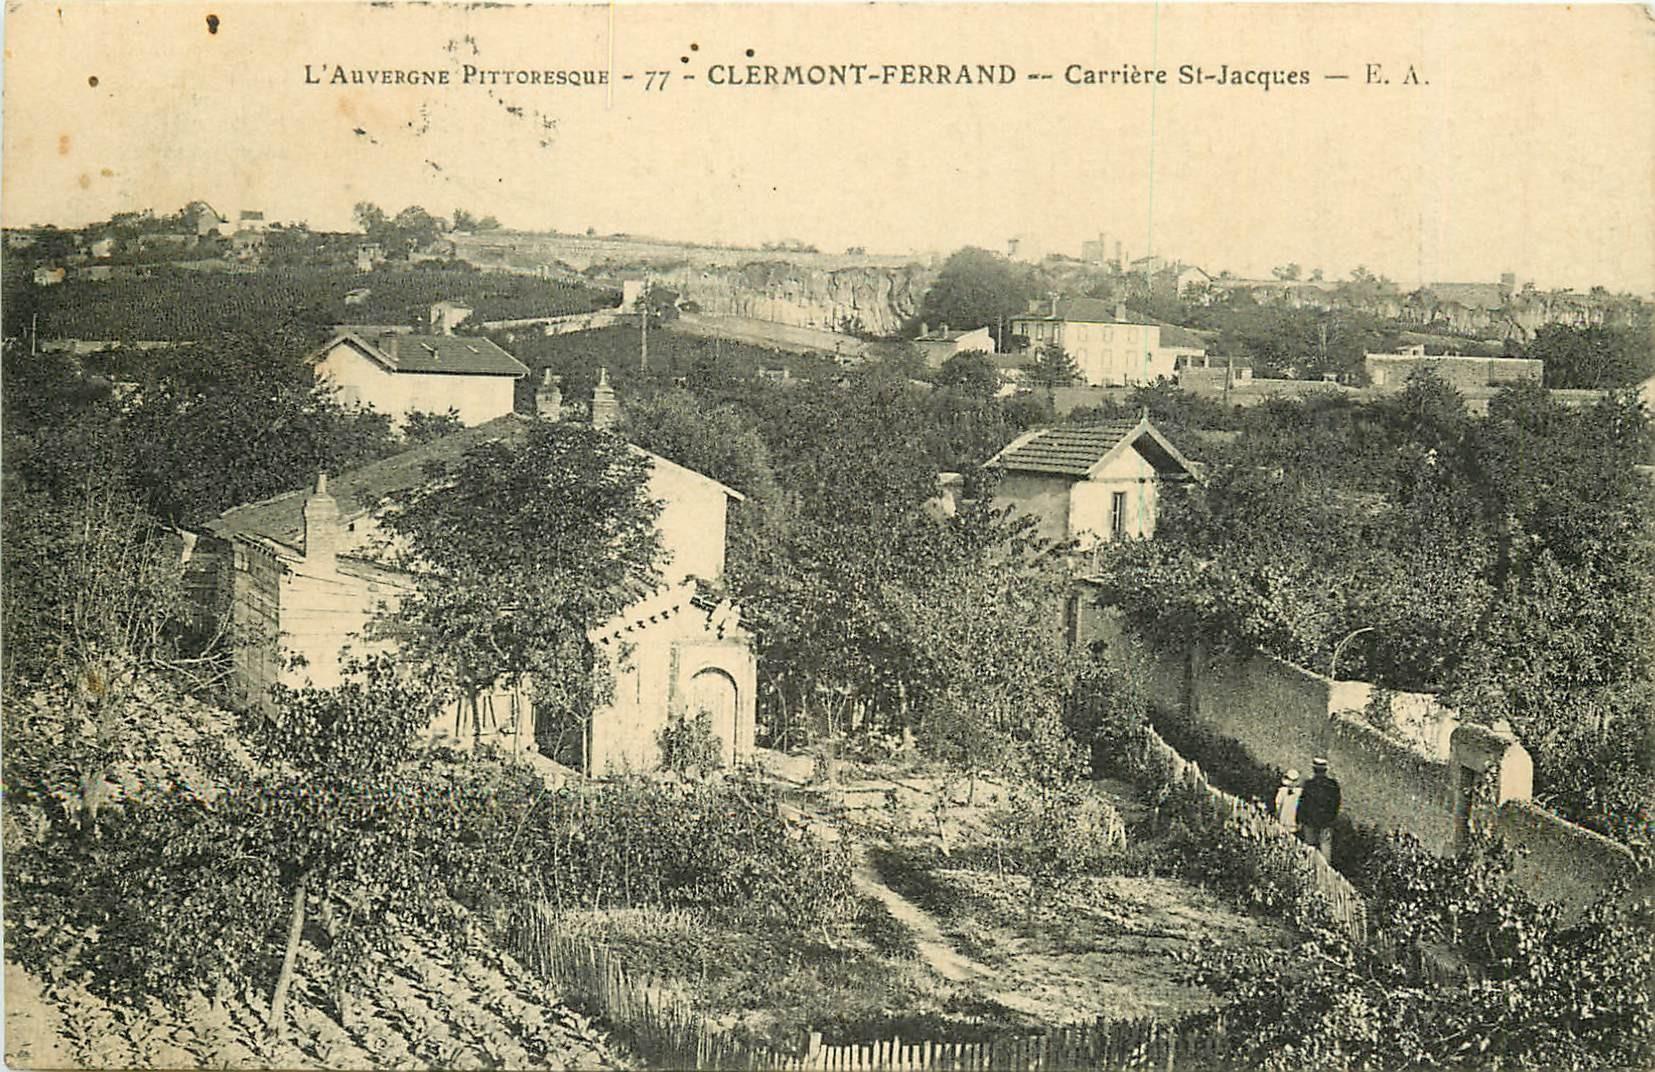 63 CLERMONT-FERRAND. Carrière Saint-Jacques vers 1912